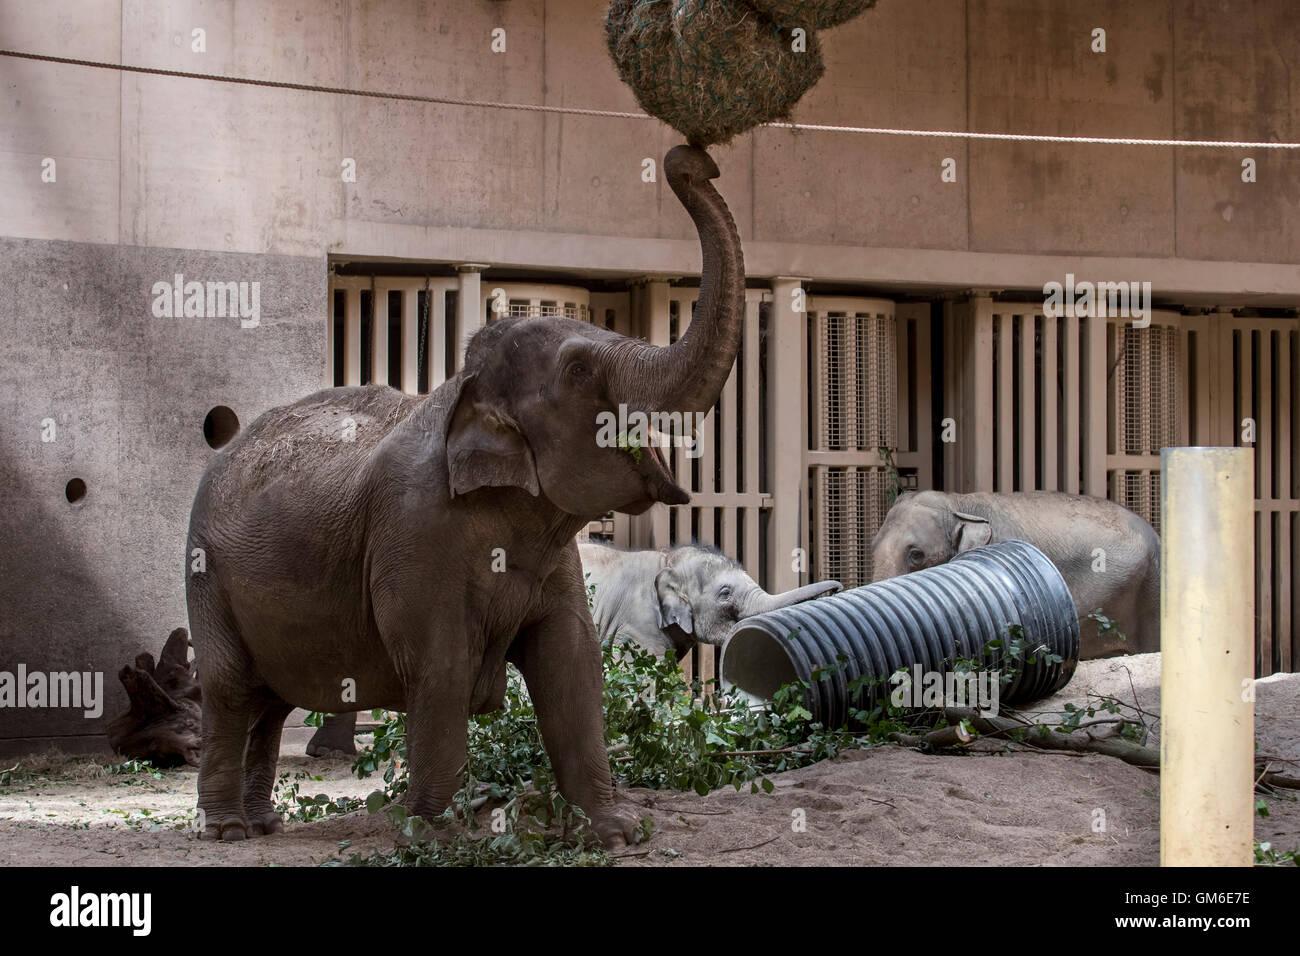 Elefante asiatico / elefanti asiatici (Elephas maximus) mangia fieno nel contenitore interno in Lo Zoo Planckendael, Immagini Stock